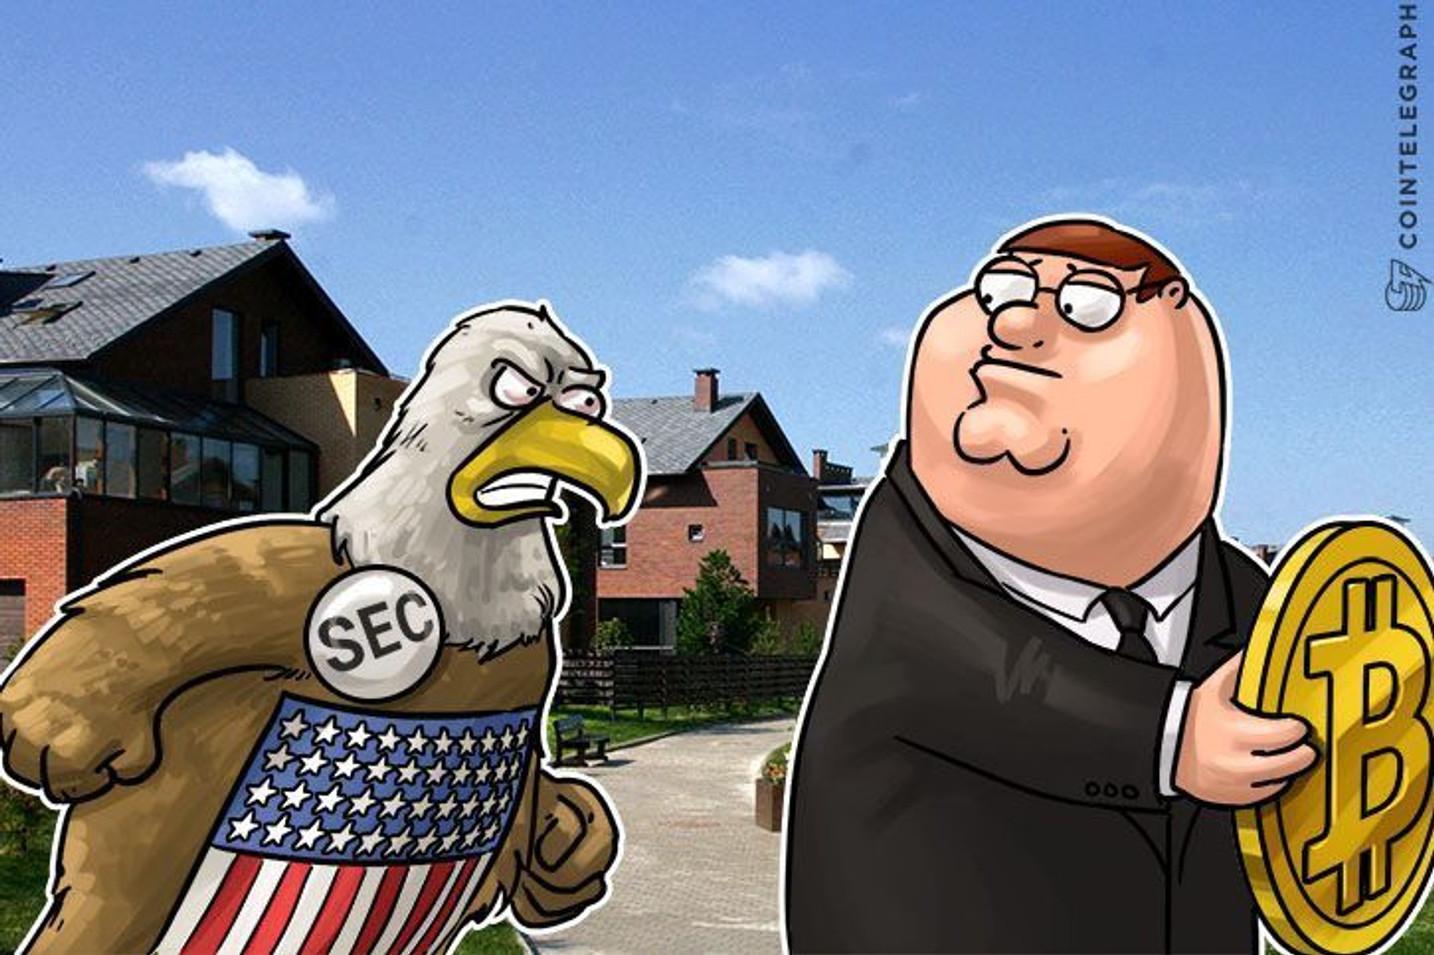 Stati Uniti: democratici e repubblicani chiedono regolamentazioni cripto dimostrando una rara coesione